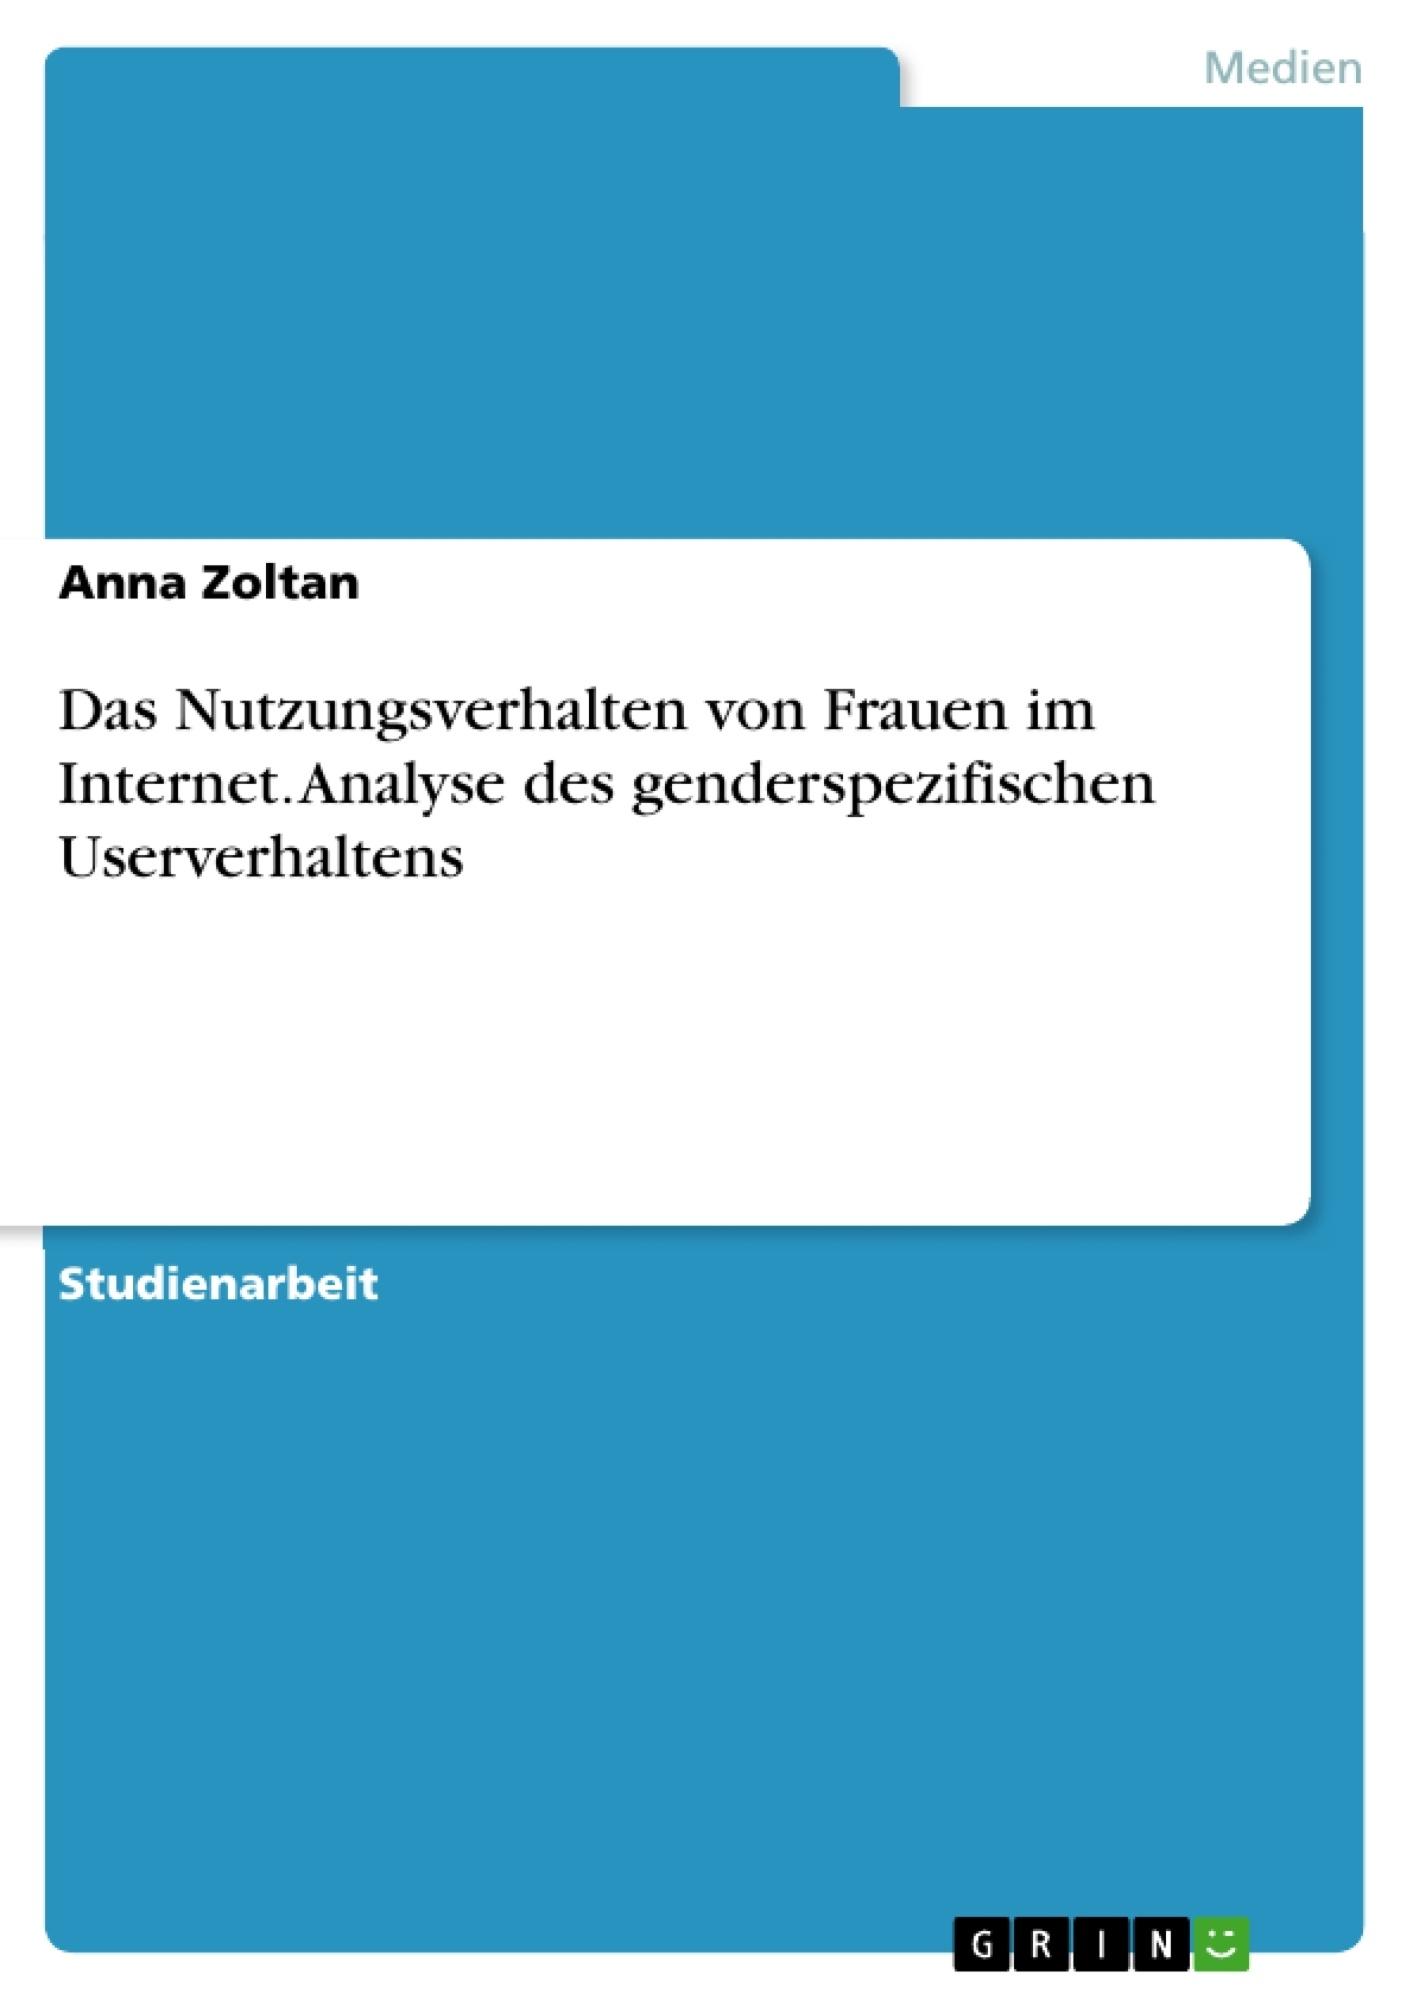 Titel: Das Nutzungsverhalten von Frauen im Internet. Analyse des genderspezifischen Userverhaltens